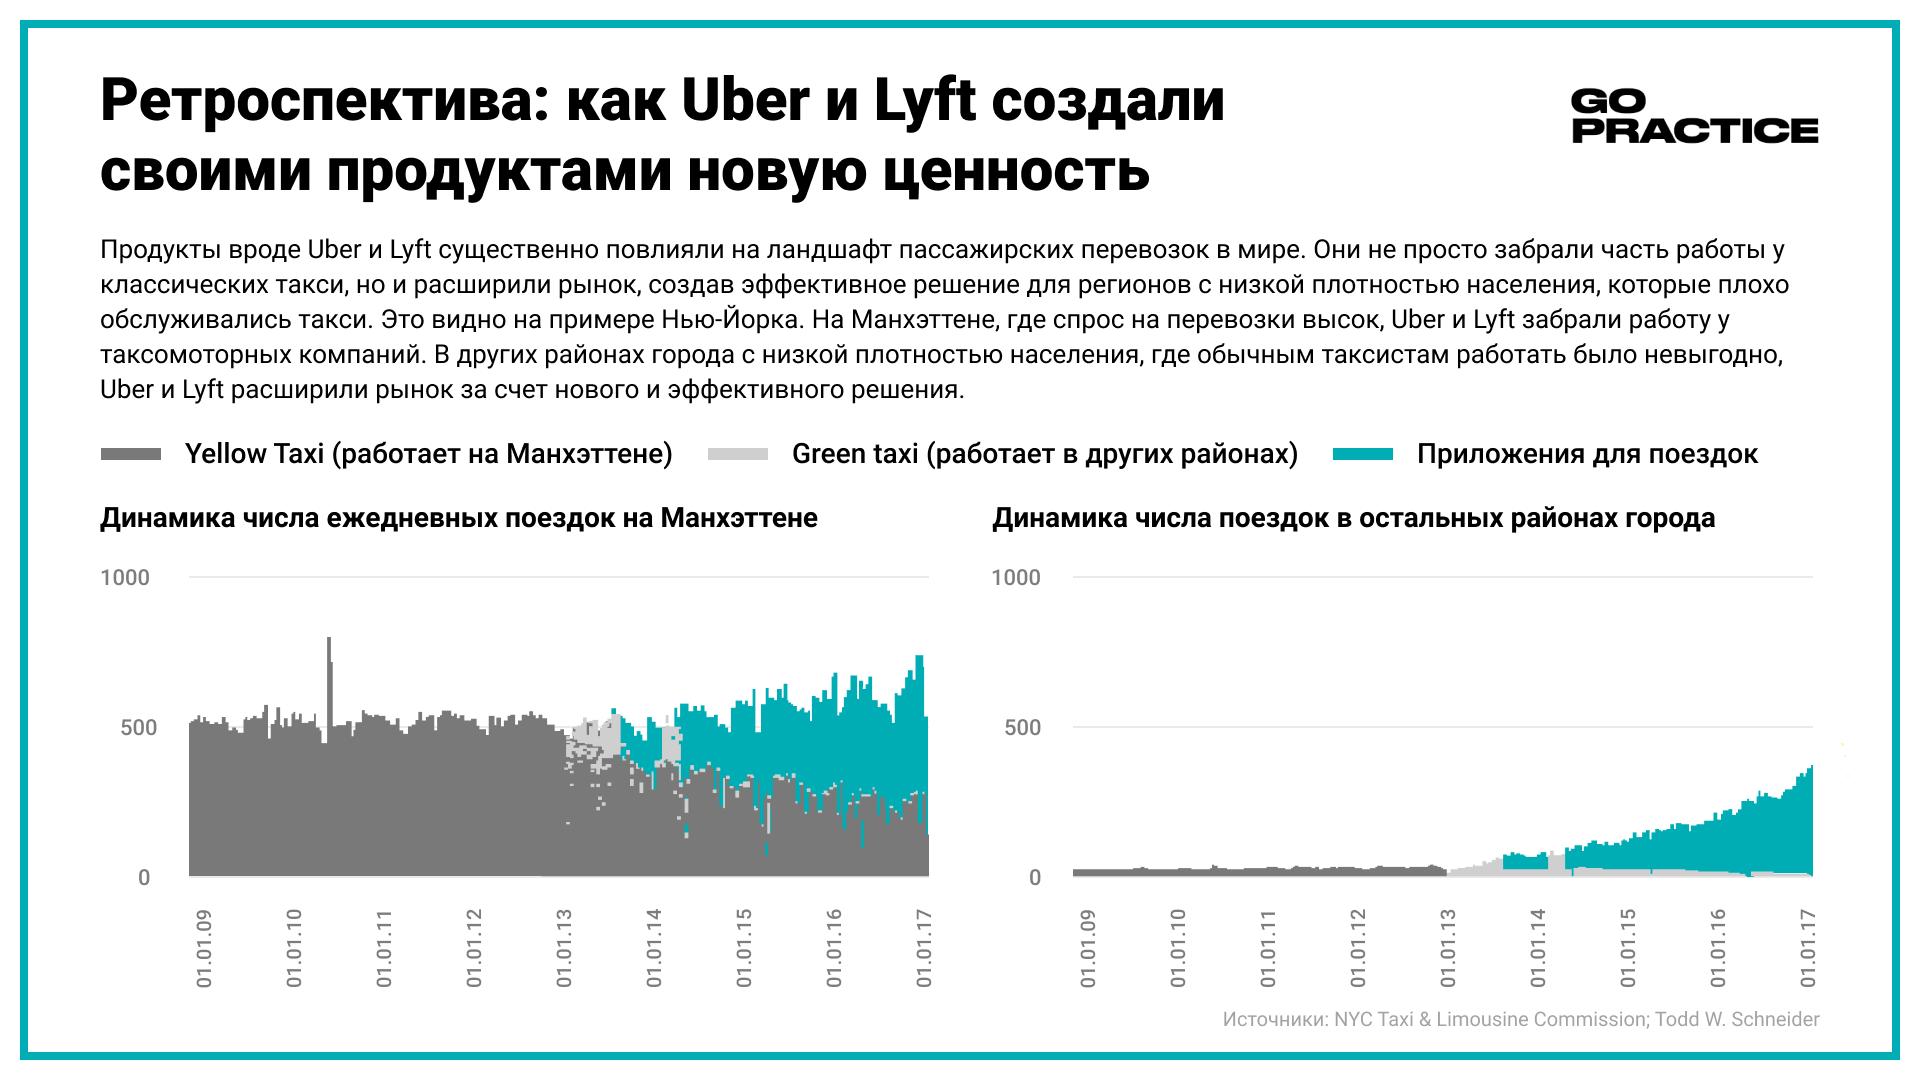 Ретроспектива: как Uber и Lyft создали своими продуктами новую ценность